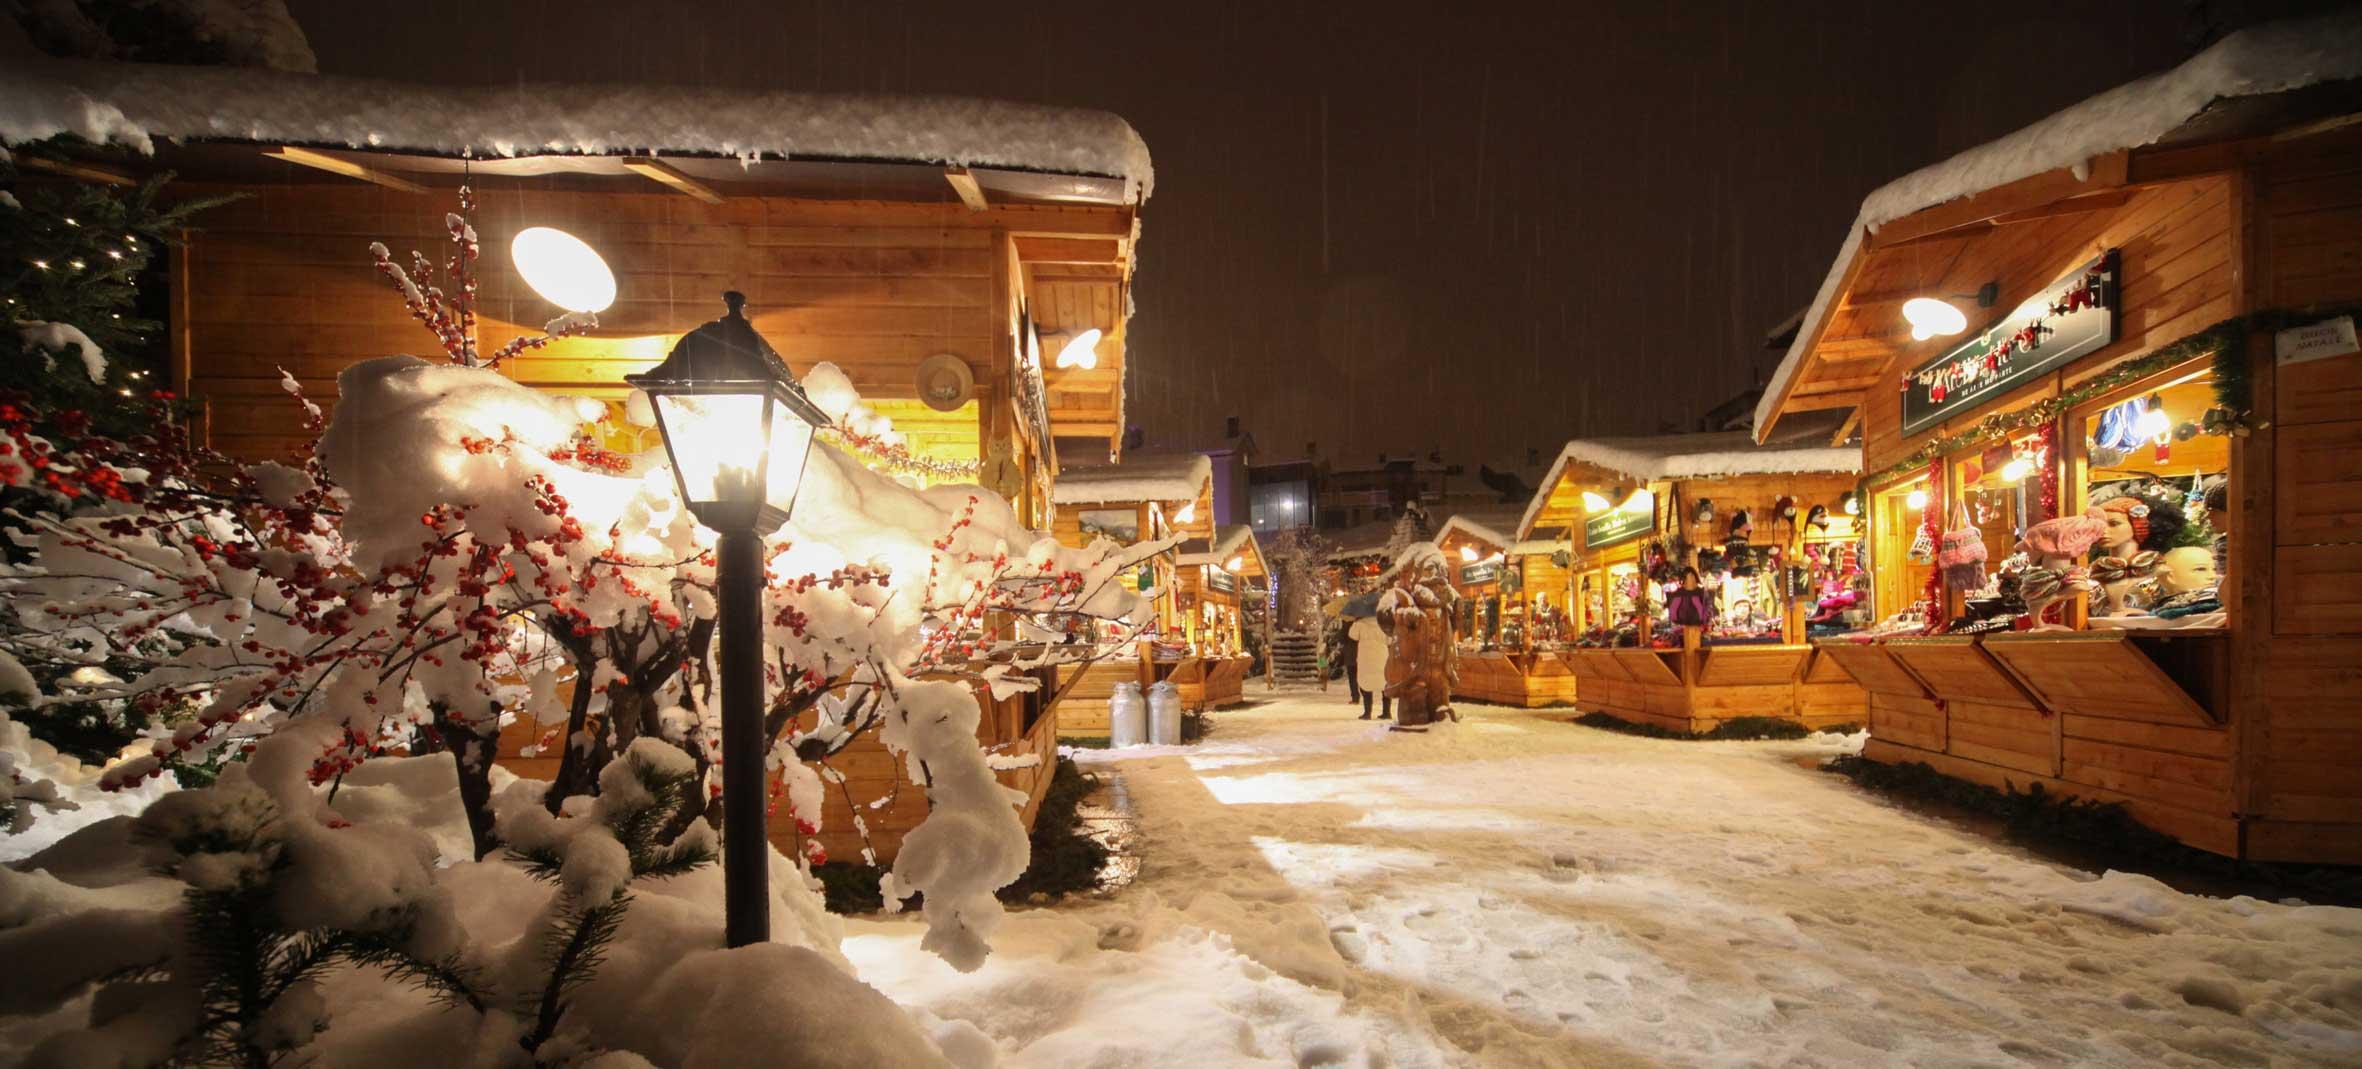 Starnberg Weihnachtsmarkt.Auf Nach Aostatal Weihnachtsmarkt Im Römischen Theater